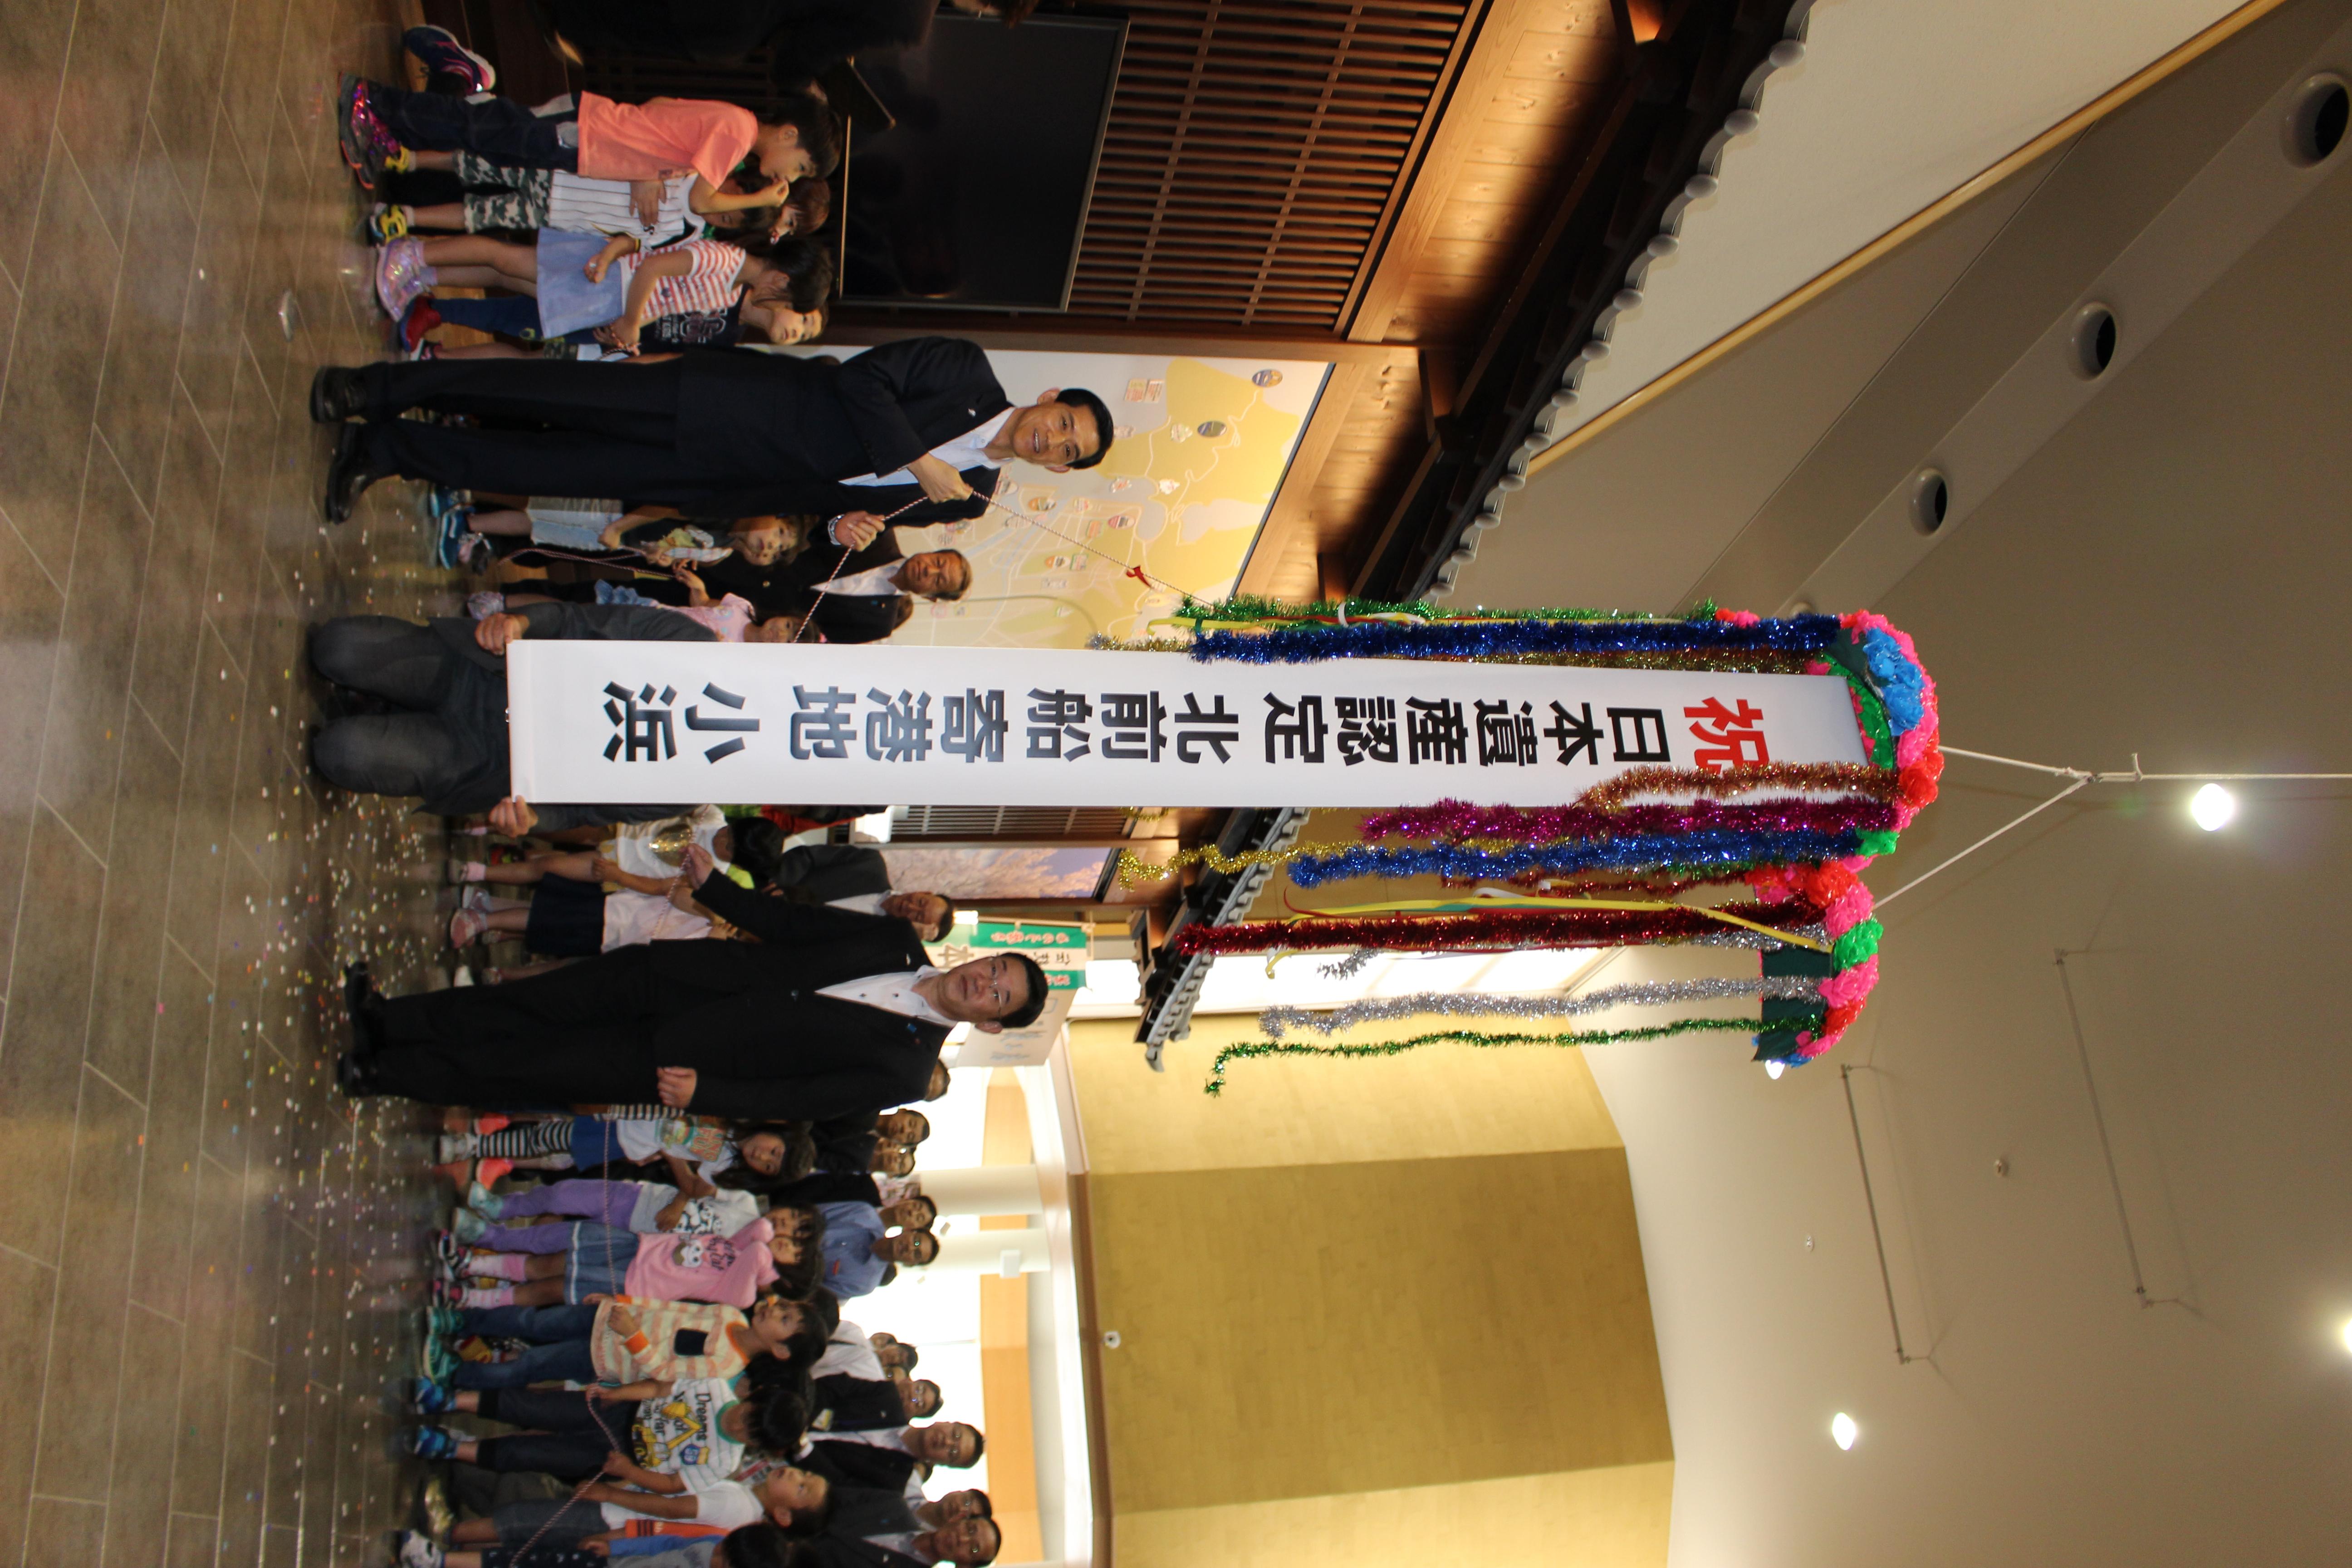 5月24日(木)、食文化館では、小浜市が日本遺産「荒波を越えた男たちの夢が紡いだ異空間  ~北前船寄港地・船主集落~」に追加認定されたことを受け、記念セレモニーが ... fb94a91841